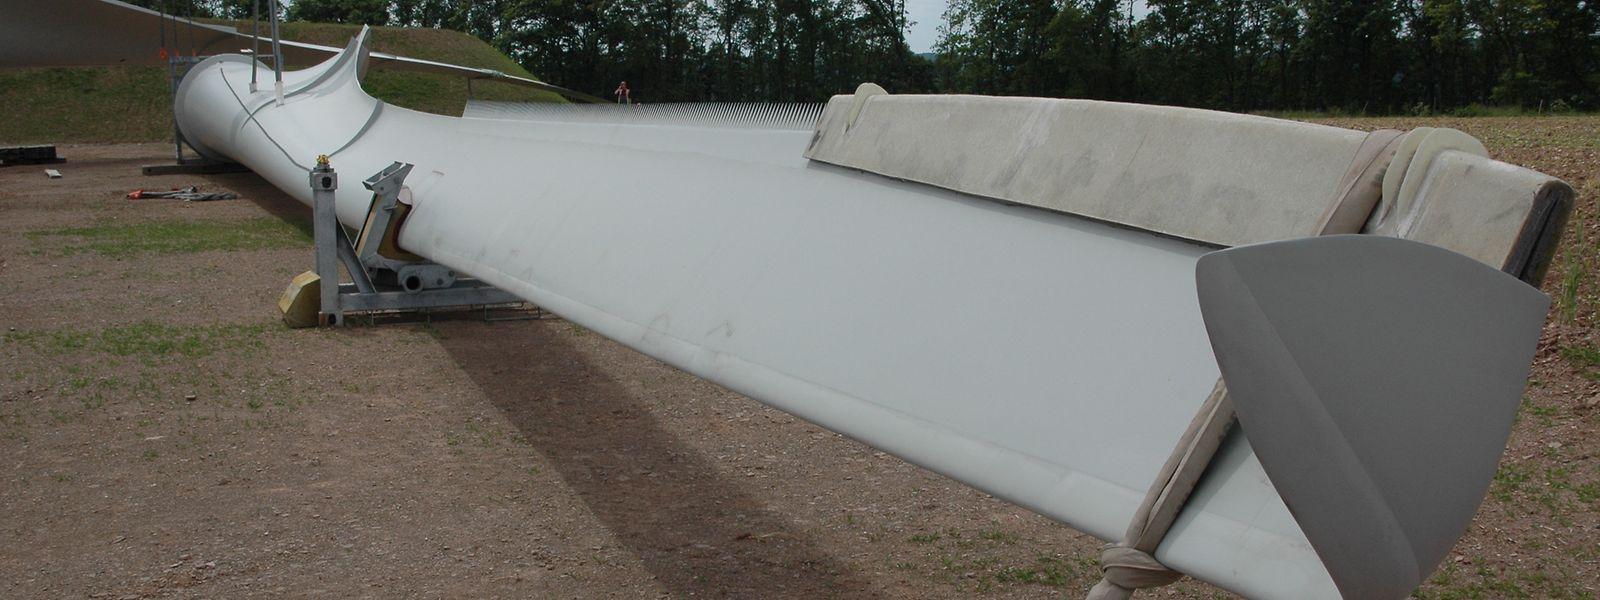 Im Windpark Harlingen-Tarchamps werden Rotorblätter mit einer Länge von 46 Metern zum Einsatz kommen.